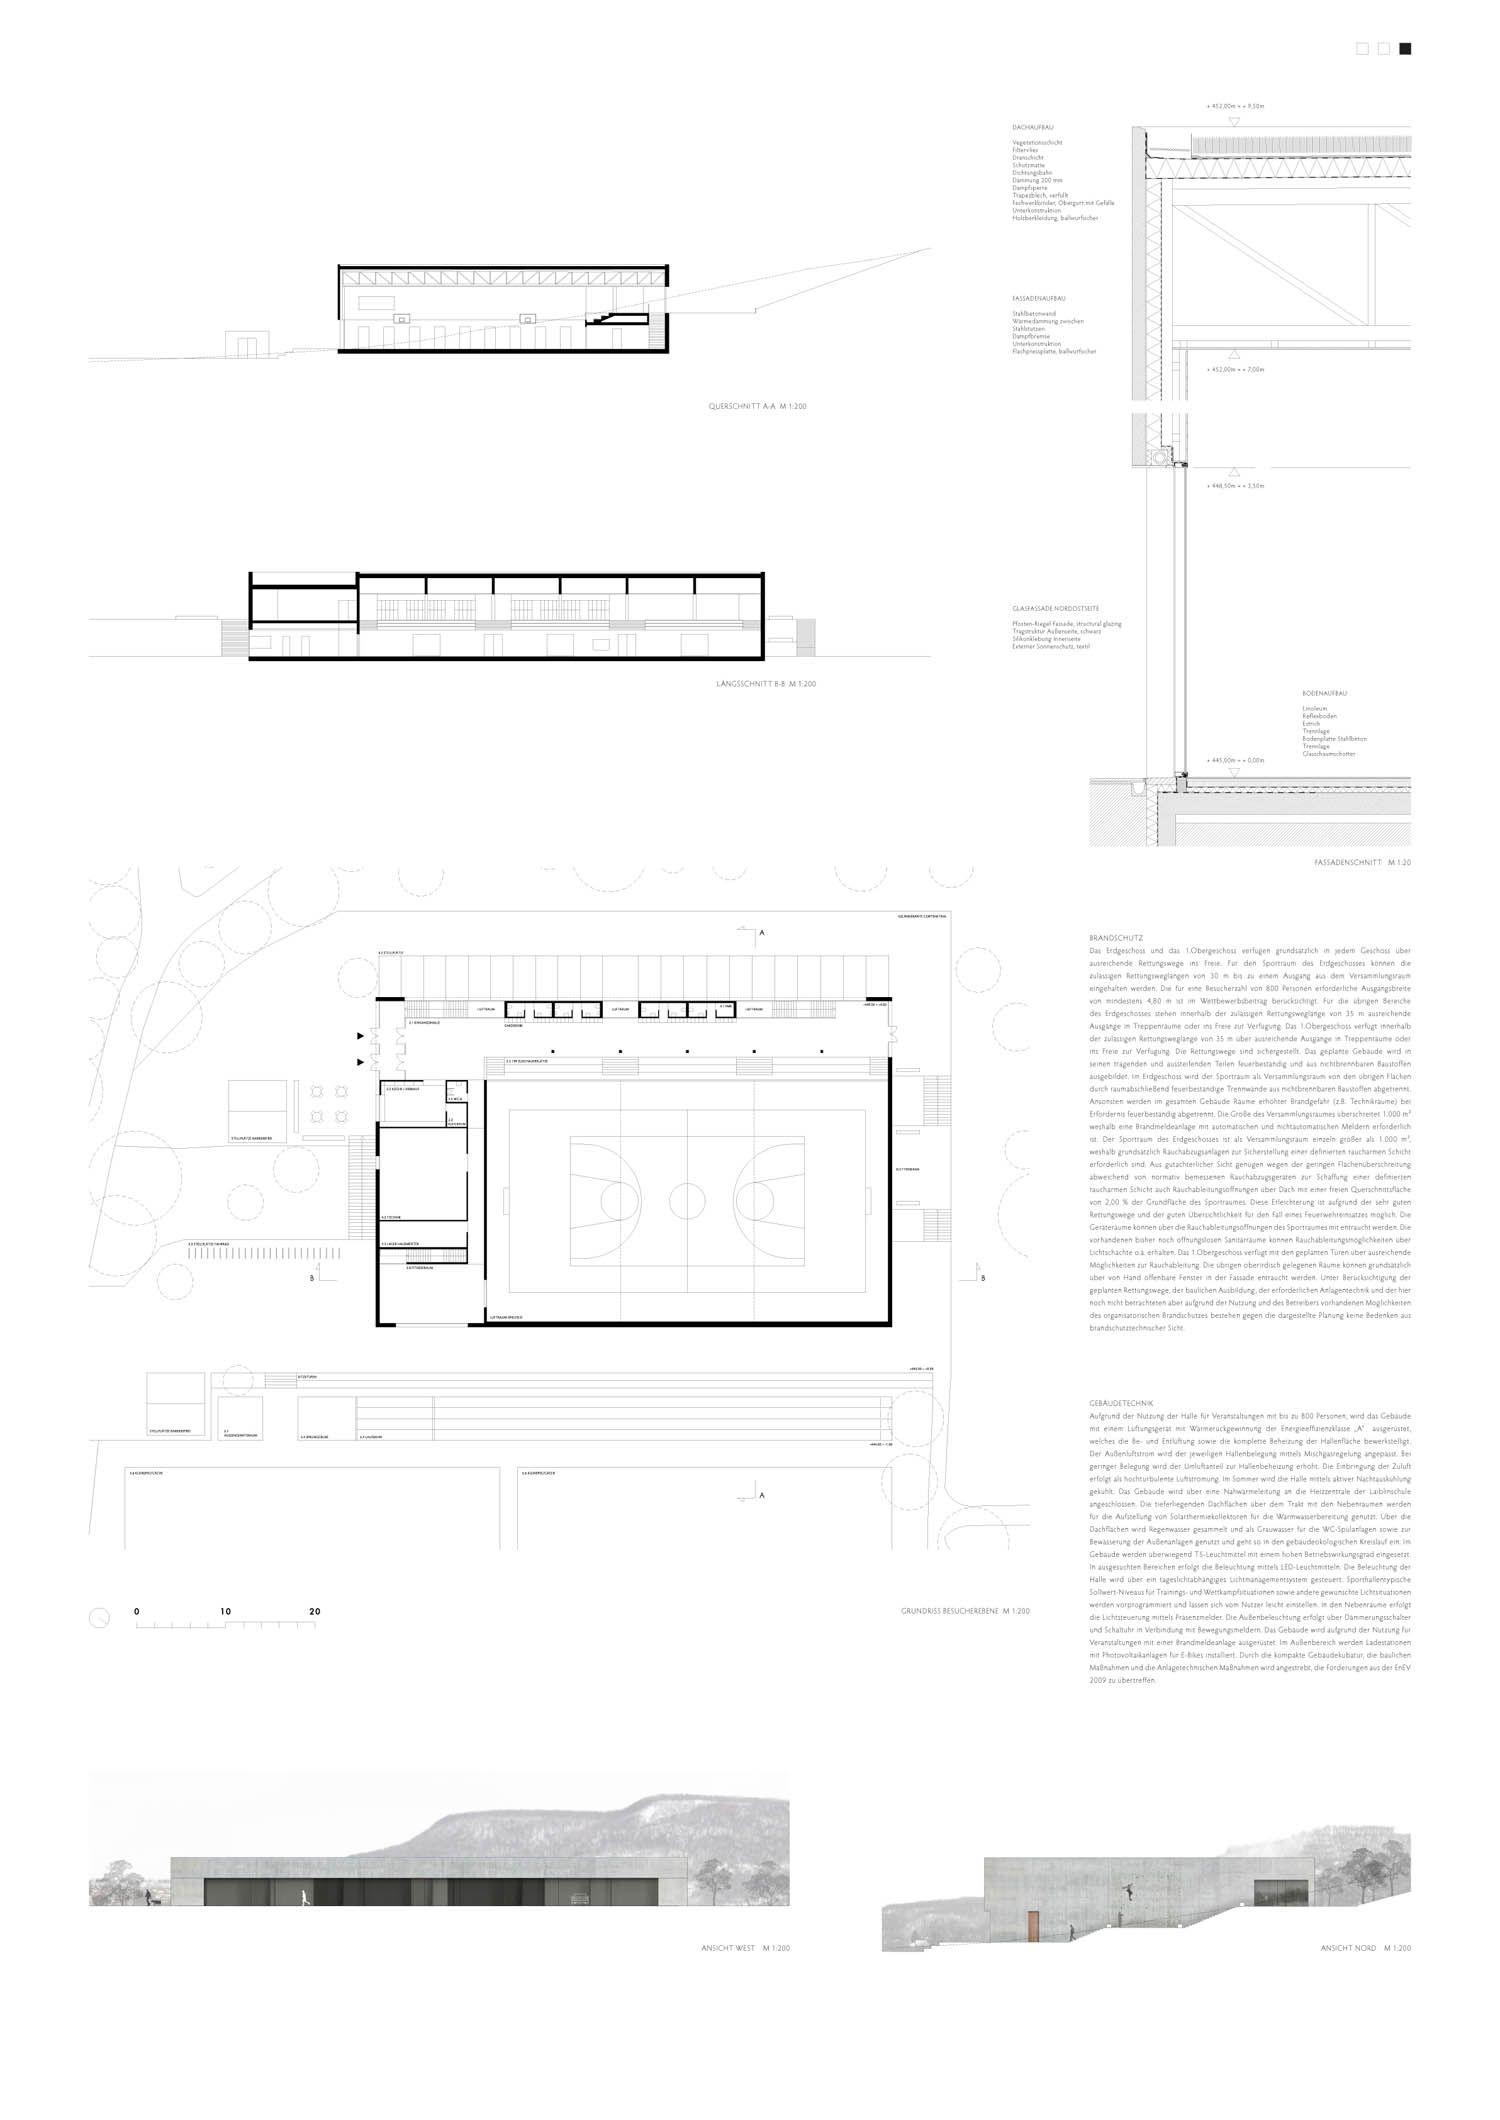 Neubau einer Dreifeldsporthalle ... 120261 | competitionline - Wettbewerbe und Architektur